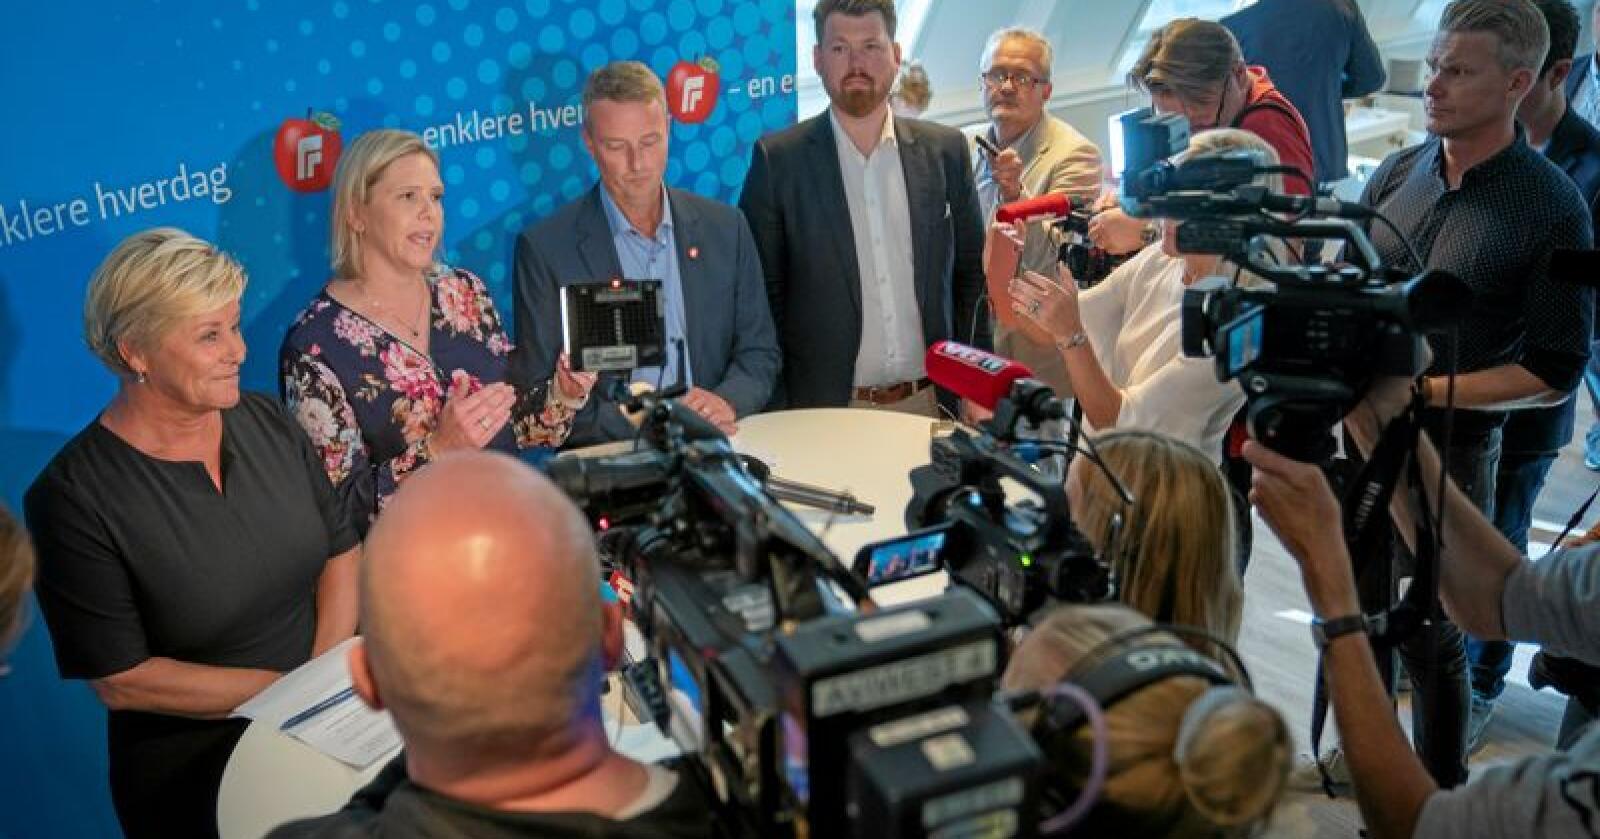 Hastemøte: Siv Jensen, Sylvi Listhaug og Terje Søviknes etter det ekstraordinært landsstyremøte i Frp. Foto: Heiko Junge NTB scanpix